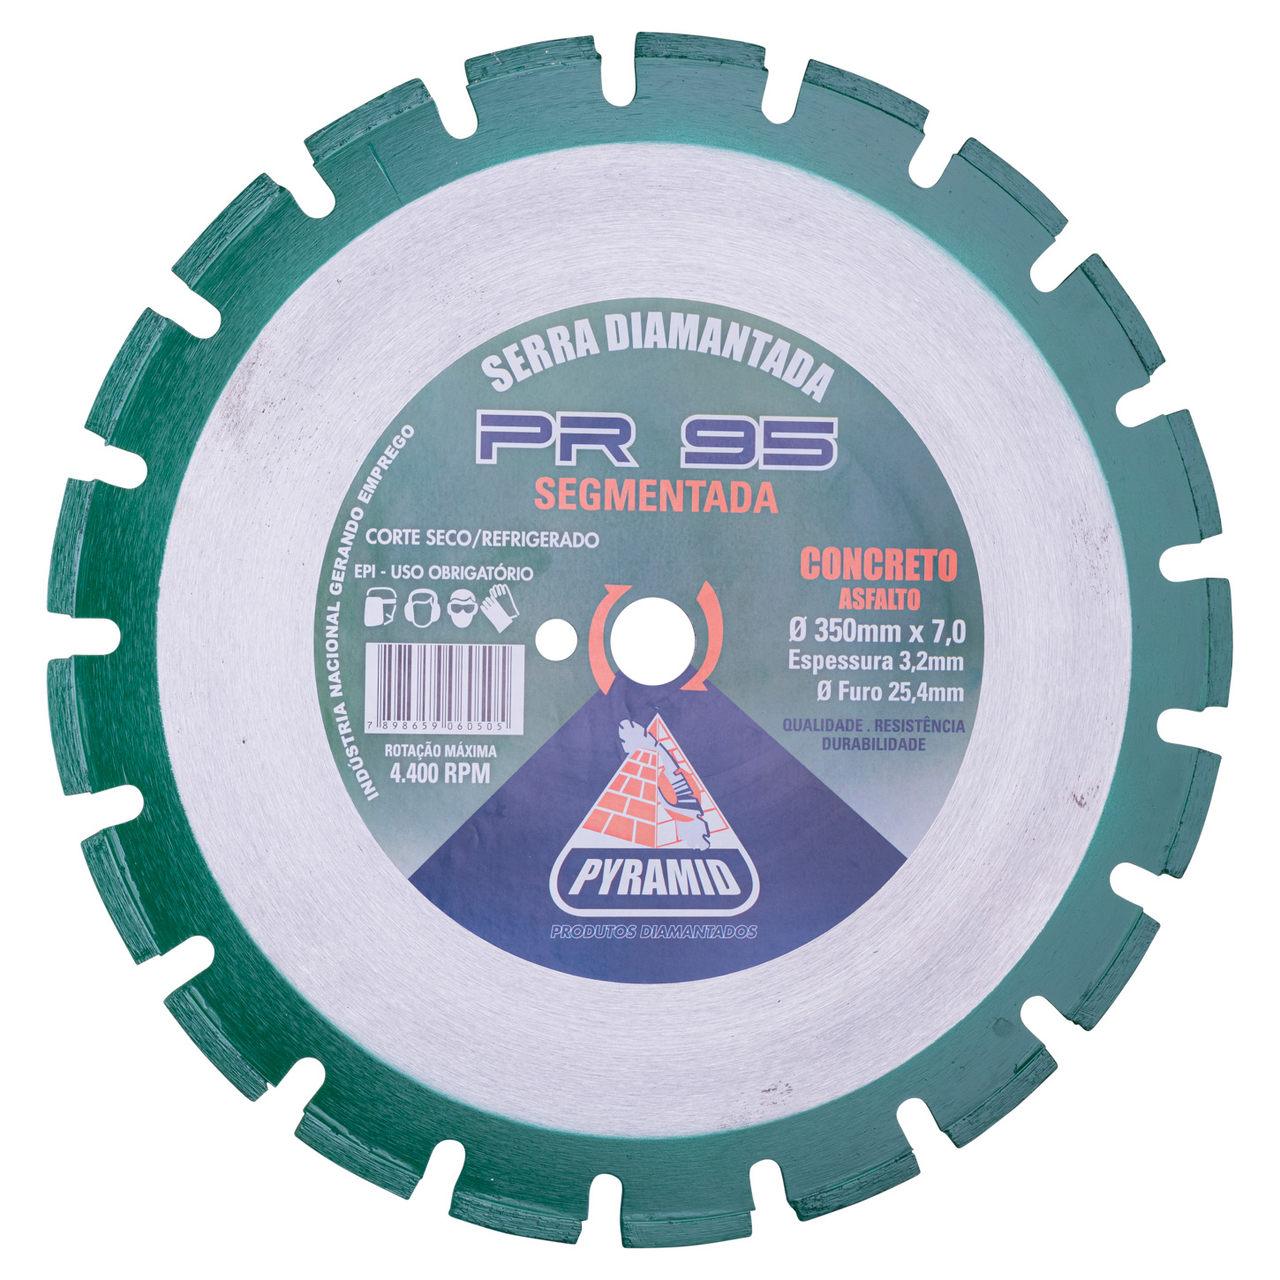 Disco de Serra Normal concreto e asfalto PR-95 Verde 350mm